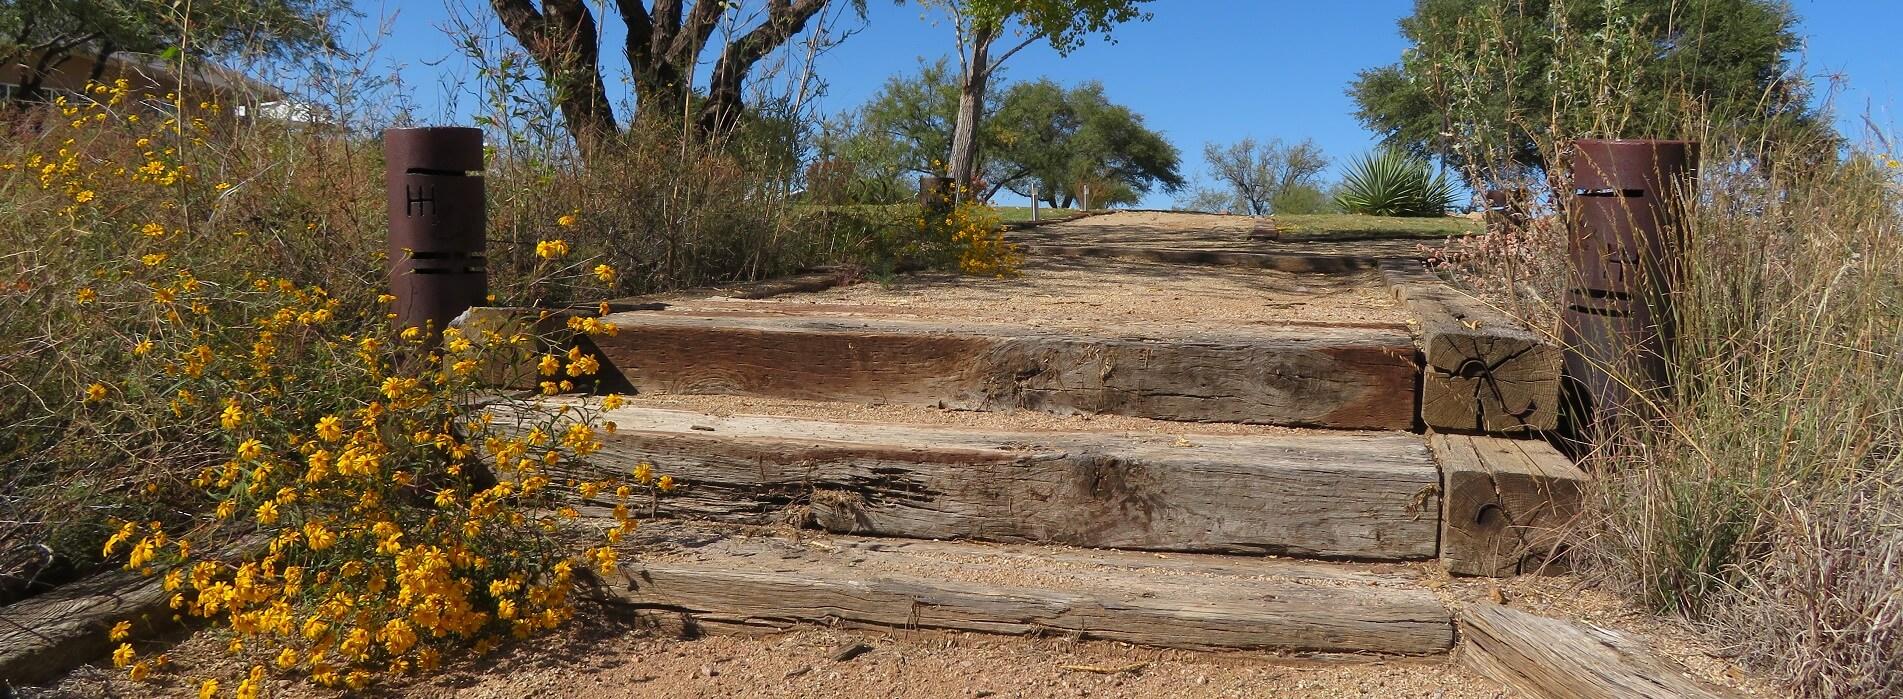 Image 5 – 2019 10 15 retreat house steps